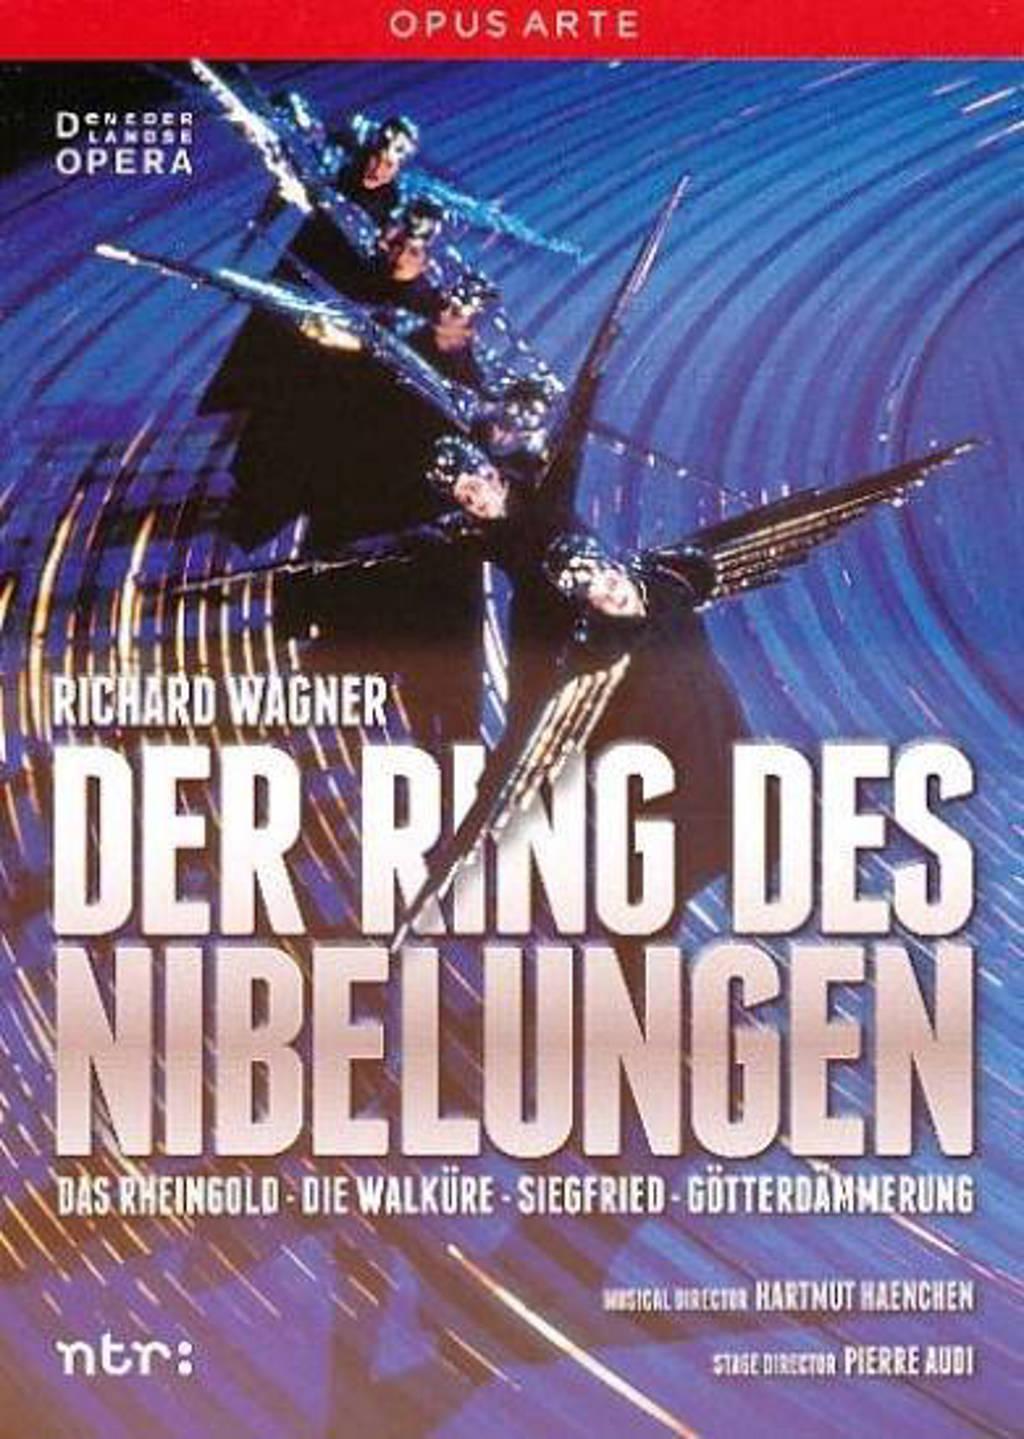 De Nederlandse Opera - Der Ring Des Nibelungen (DVD)